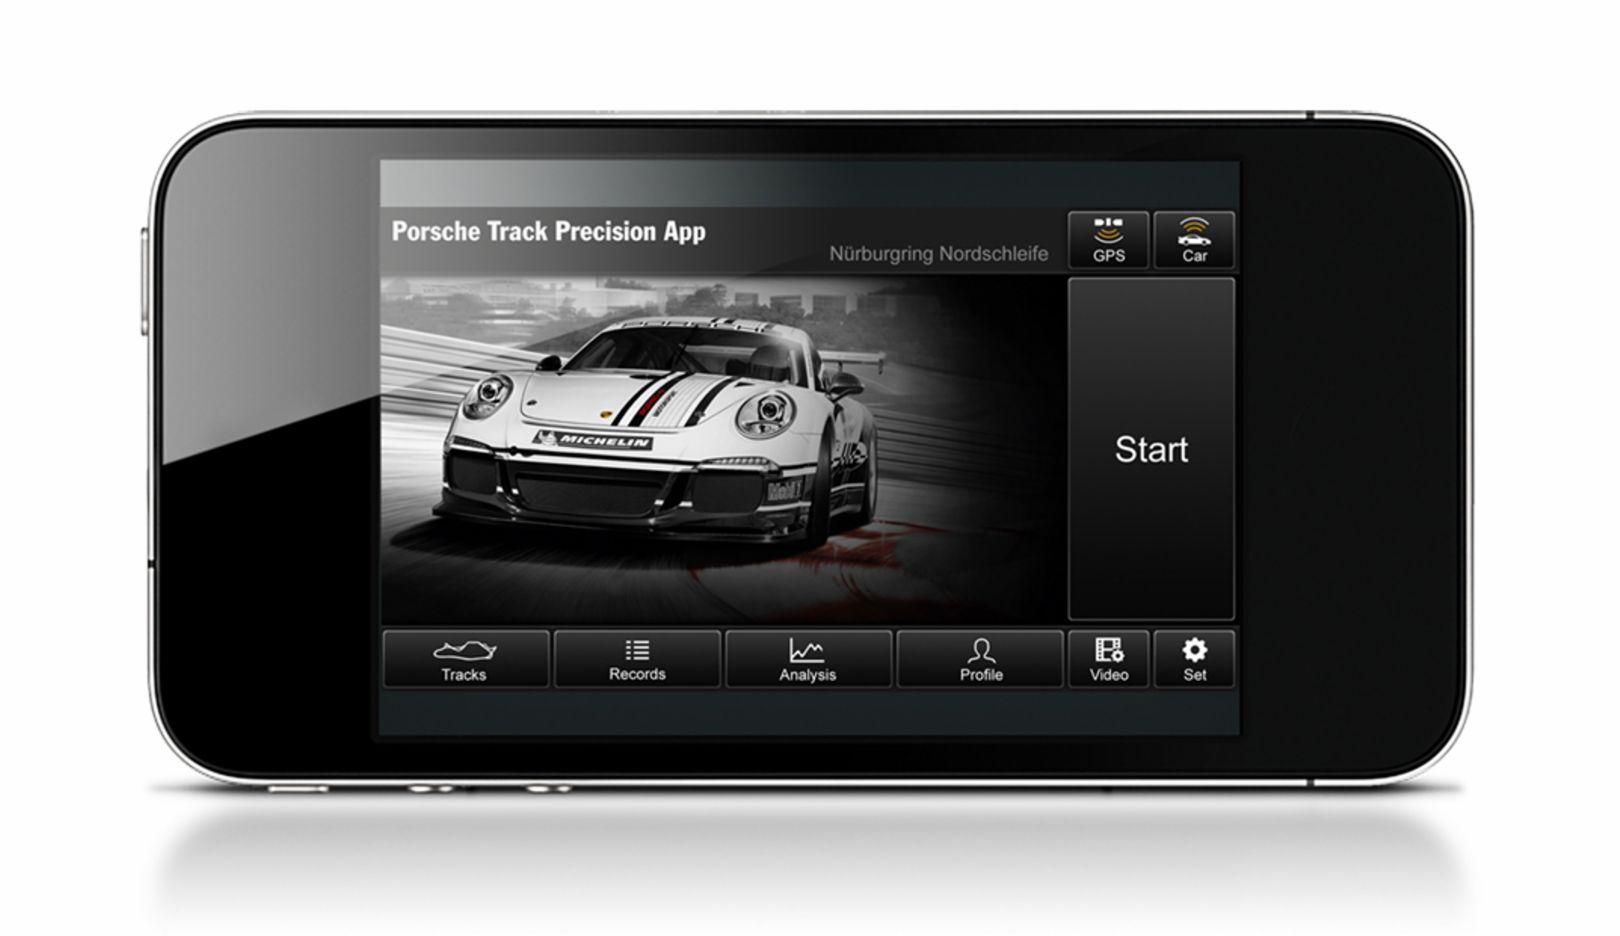 Porsche Track Precision App, 2015, Porsche AG